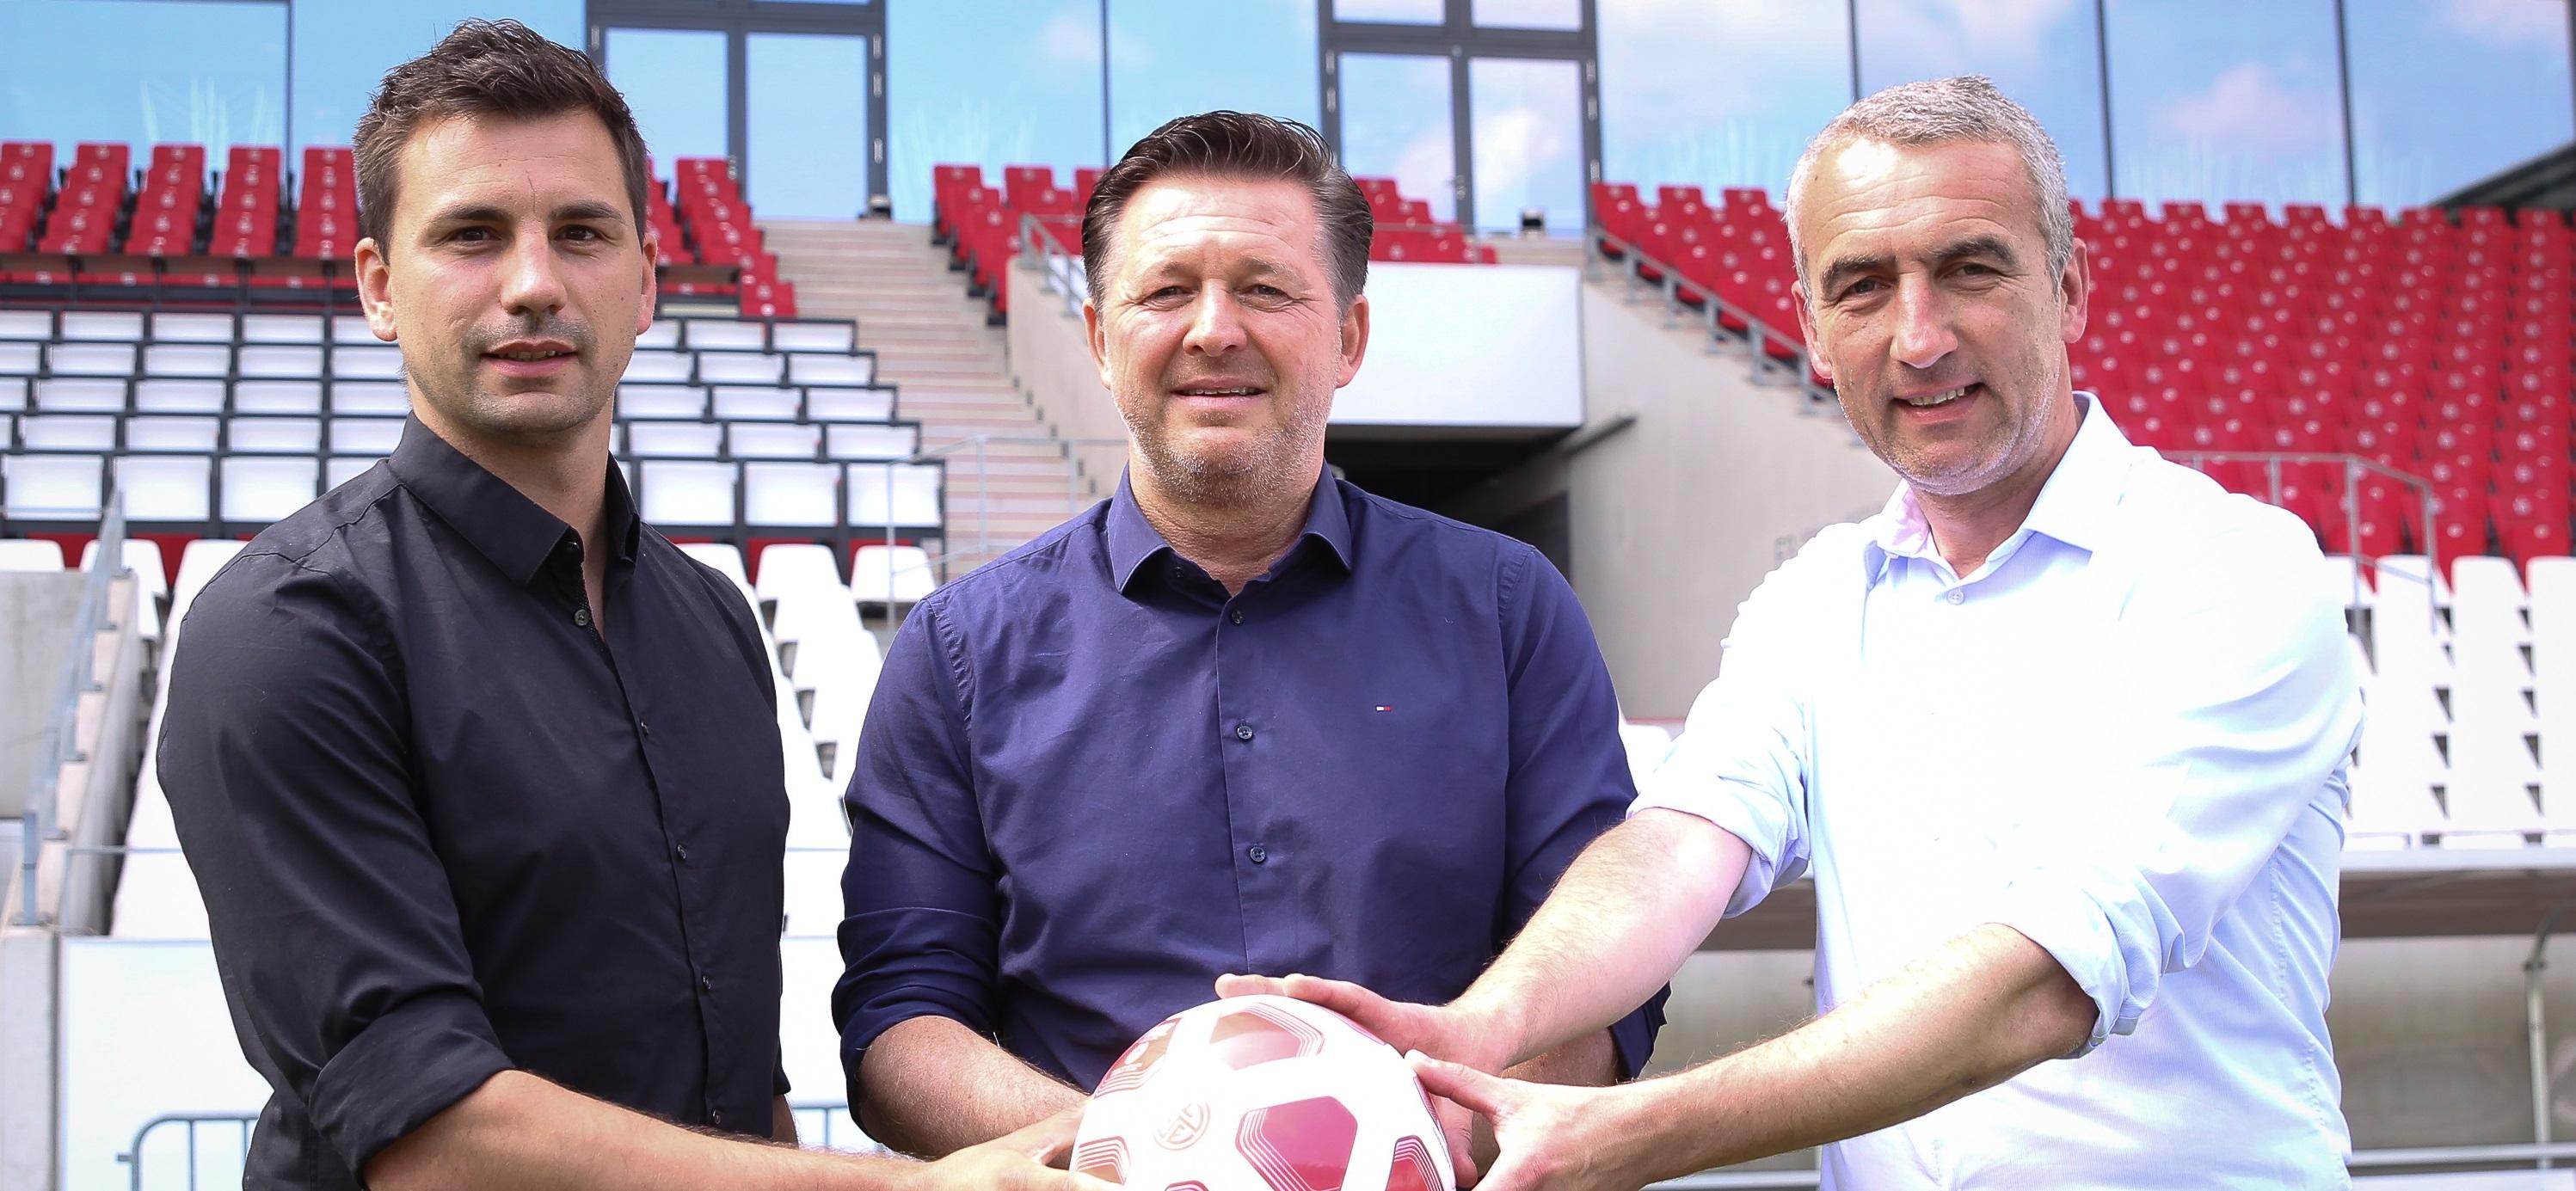 Christian Titz ist neuer Chef-Trainer bei RWE. (Foto: Endberg)